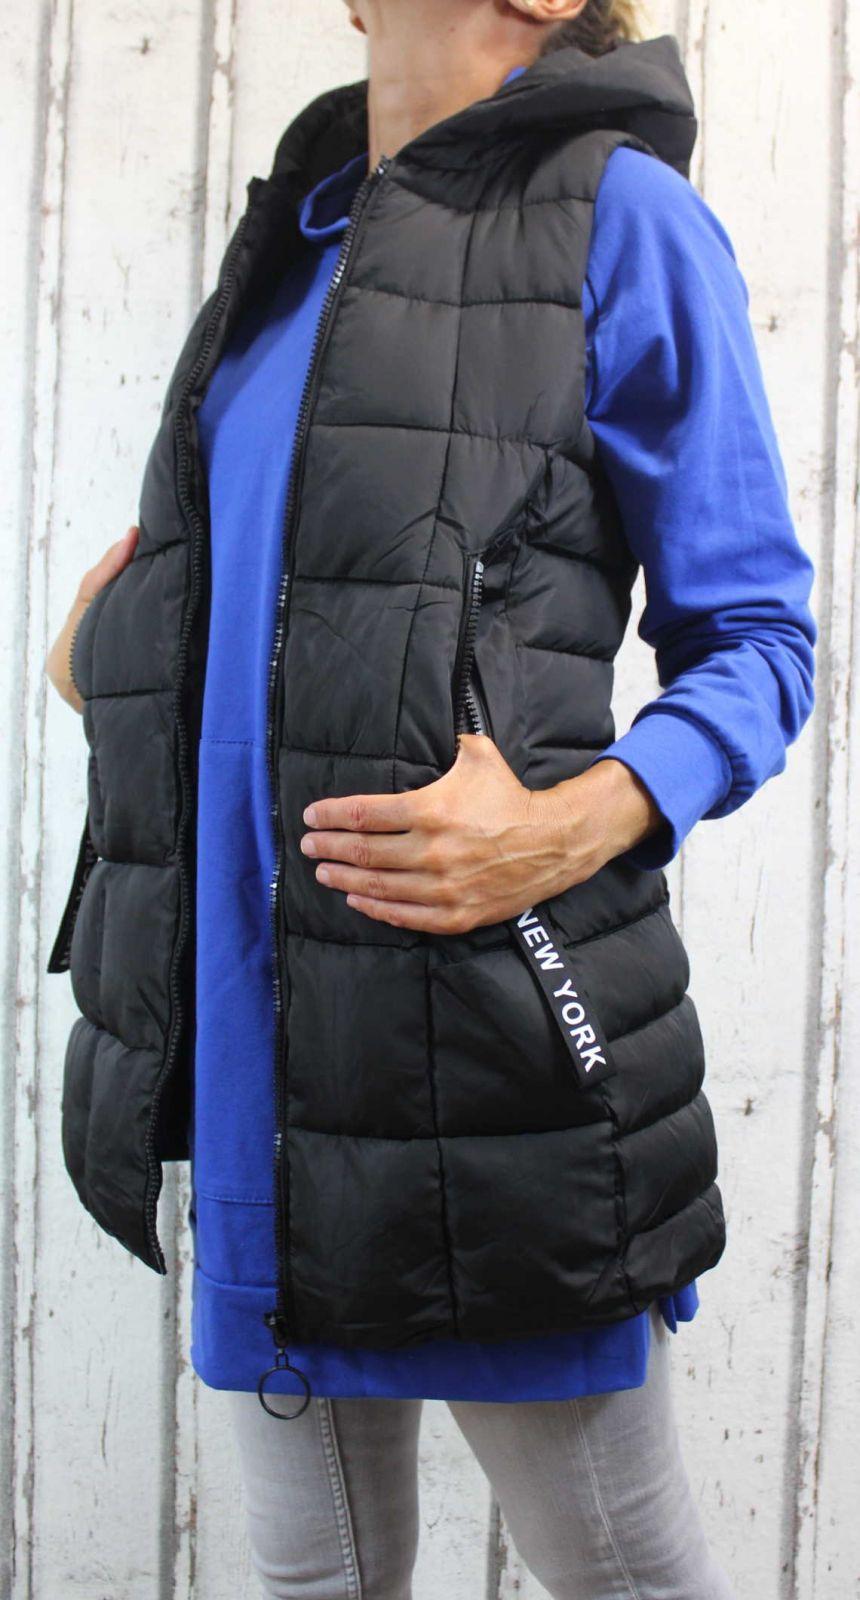 Dámská dlouhá vesta, dámská prošívaná vesta, dlouhá černá vesta, dámská vesta, dámská vesta s kapucí, podzimní dlouhá vesta, jarní dlouhá vesta Italy Moda